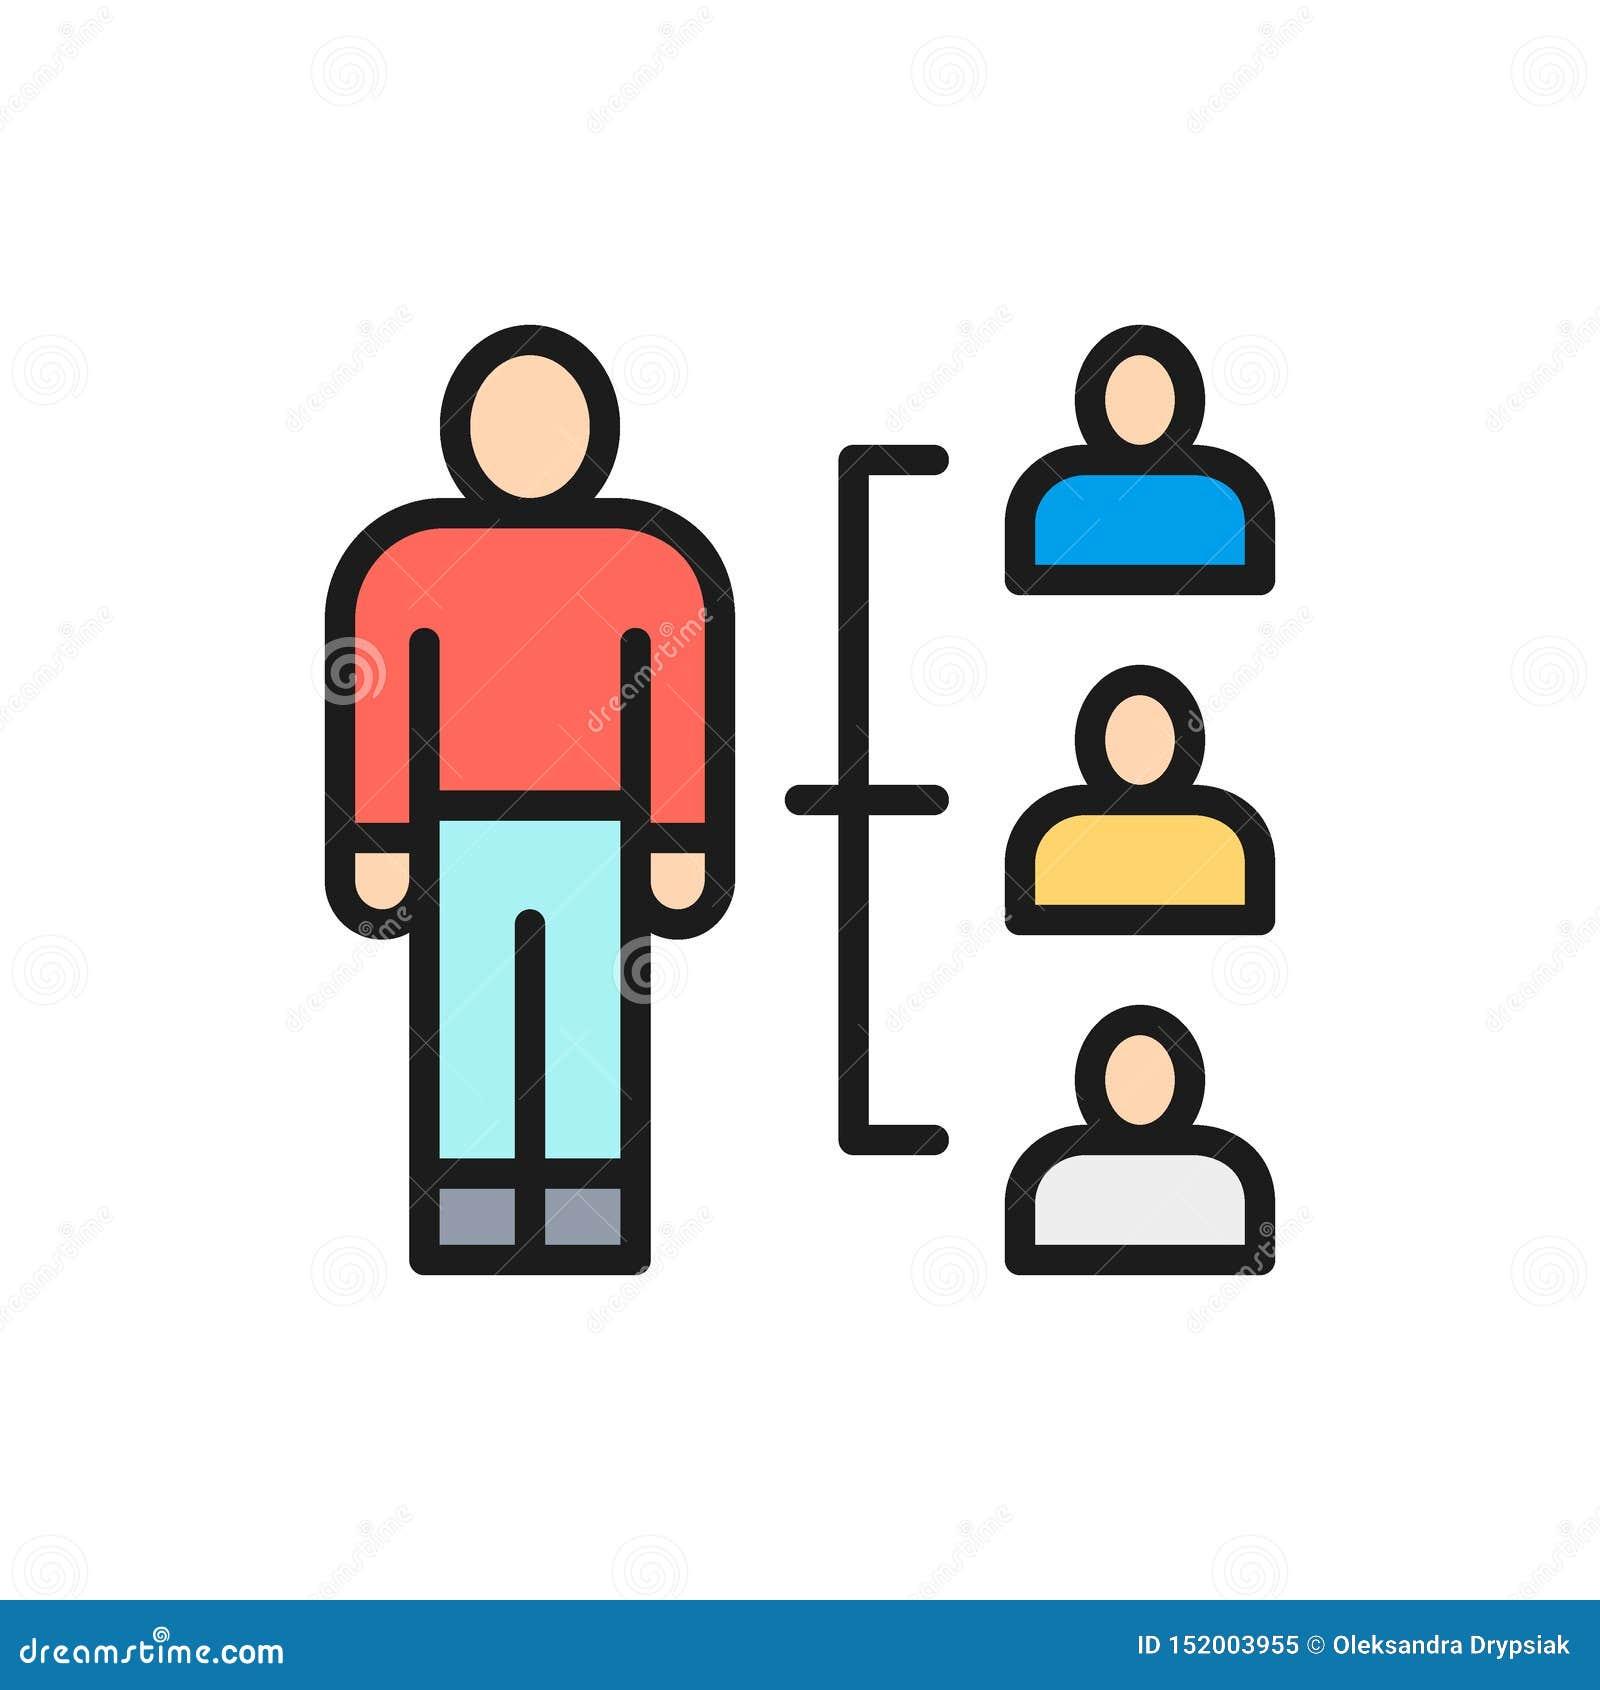 Ledning, rekrytering och hyra för vektorpersonalresurs den plana färglinjen symbol